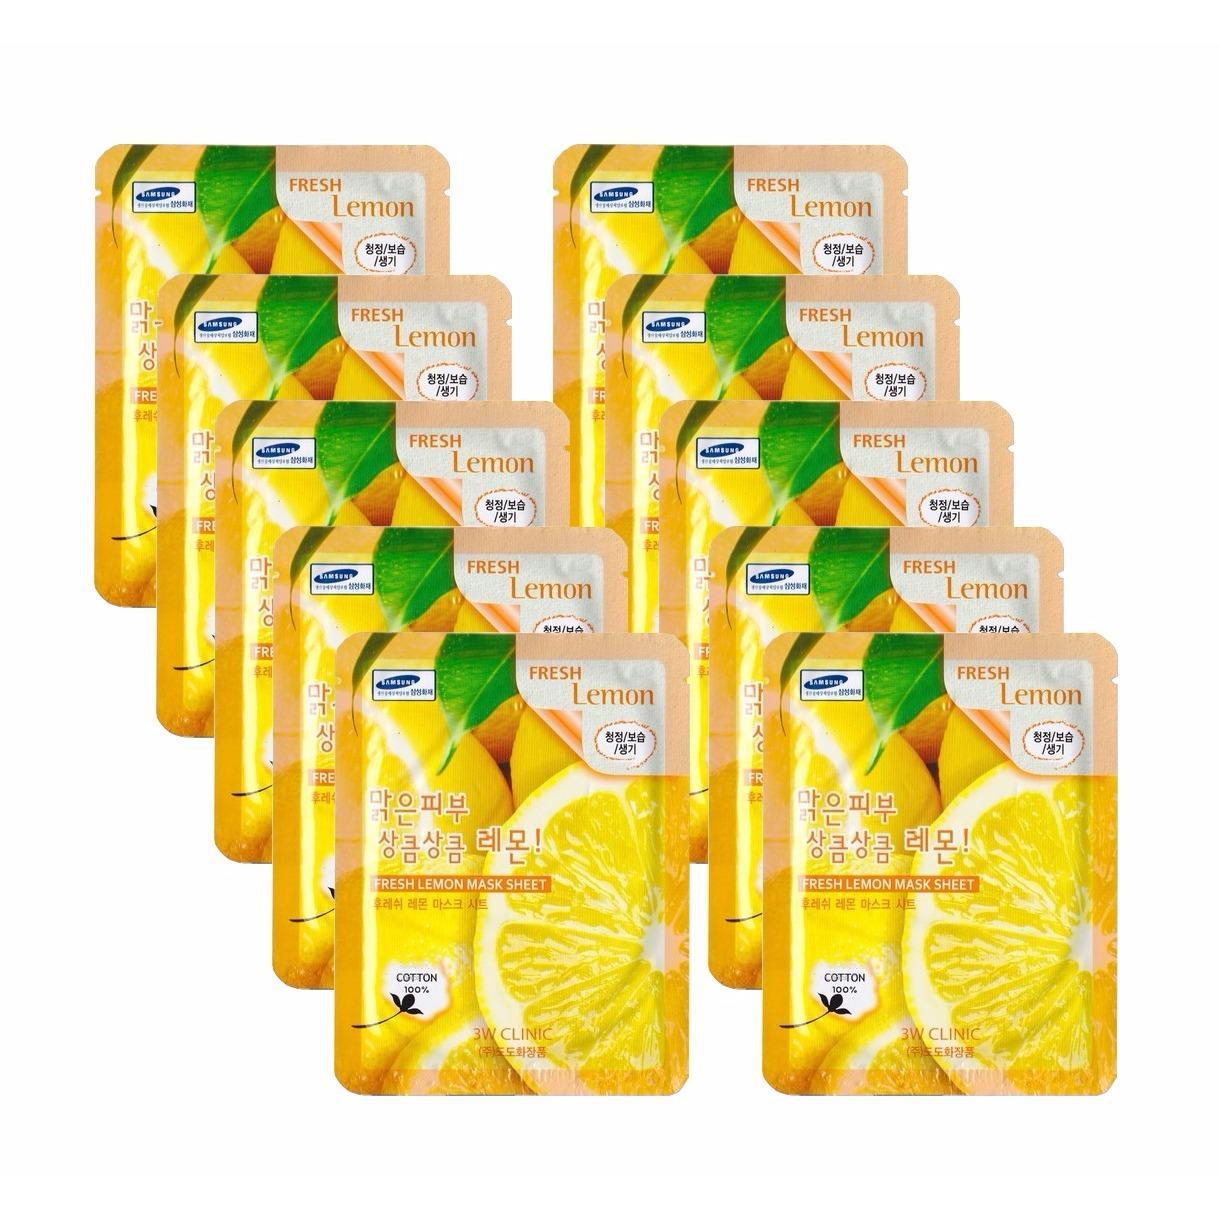 Bán Bộ 10 Goi Mặt Nạ Dưỡng Trắng Sang Da Chiết Xuất Chanh Tươi 3W Clinic Fresh Lemon Mask Sheet 23Ml X10 3W Clinic